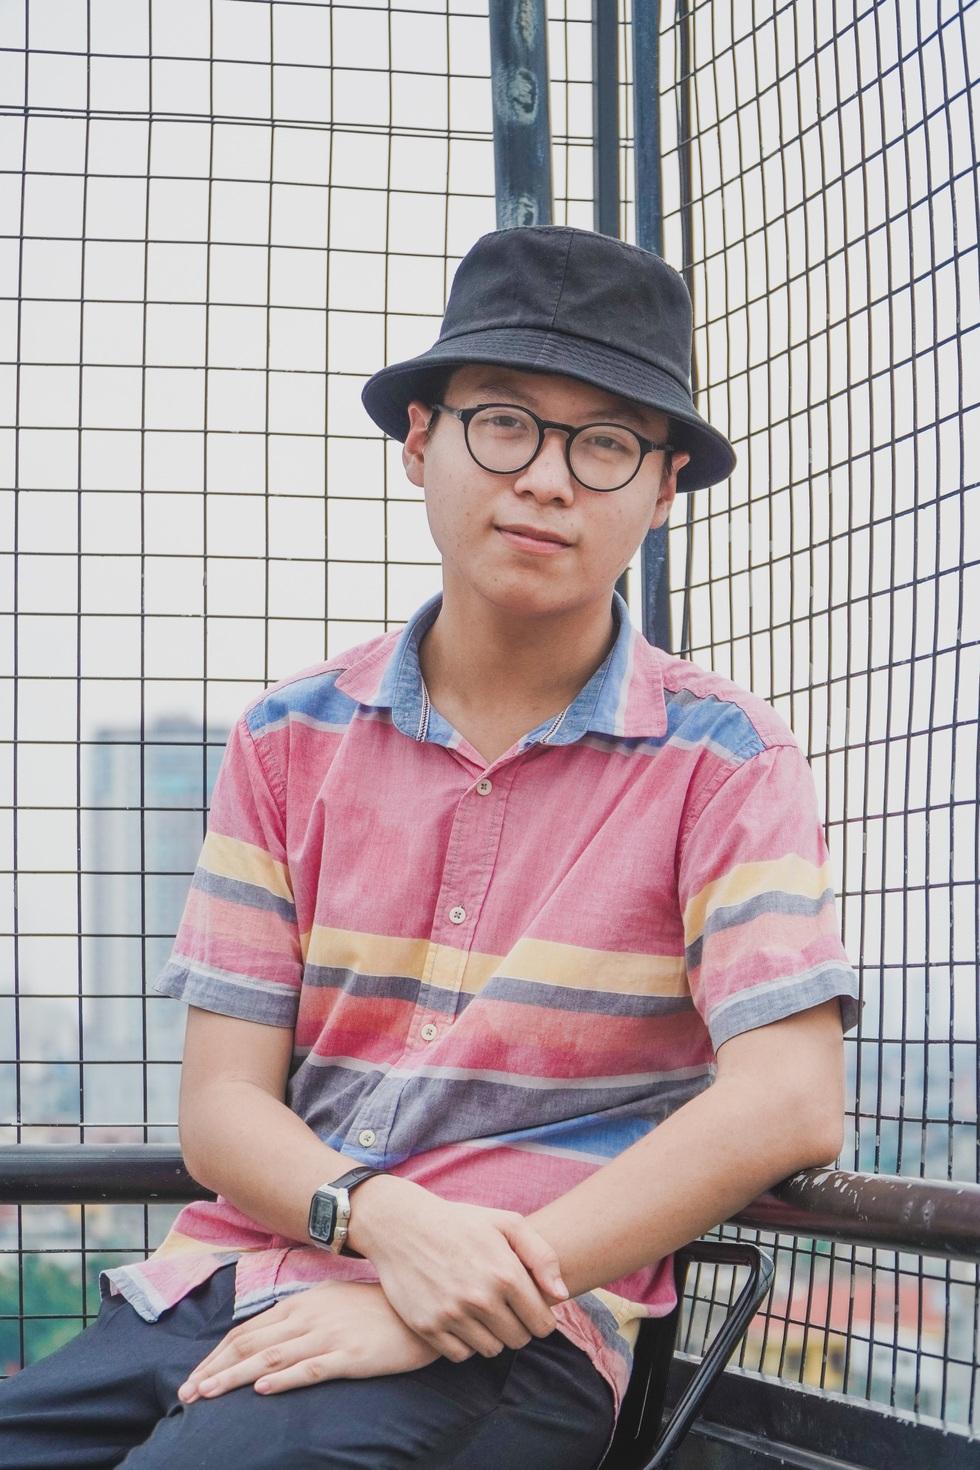 Kỷ lục gia Olympia Nguyễn Thiện Hải An: Kỷ lục sinh ra là để phá - 4